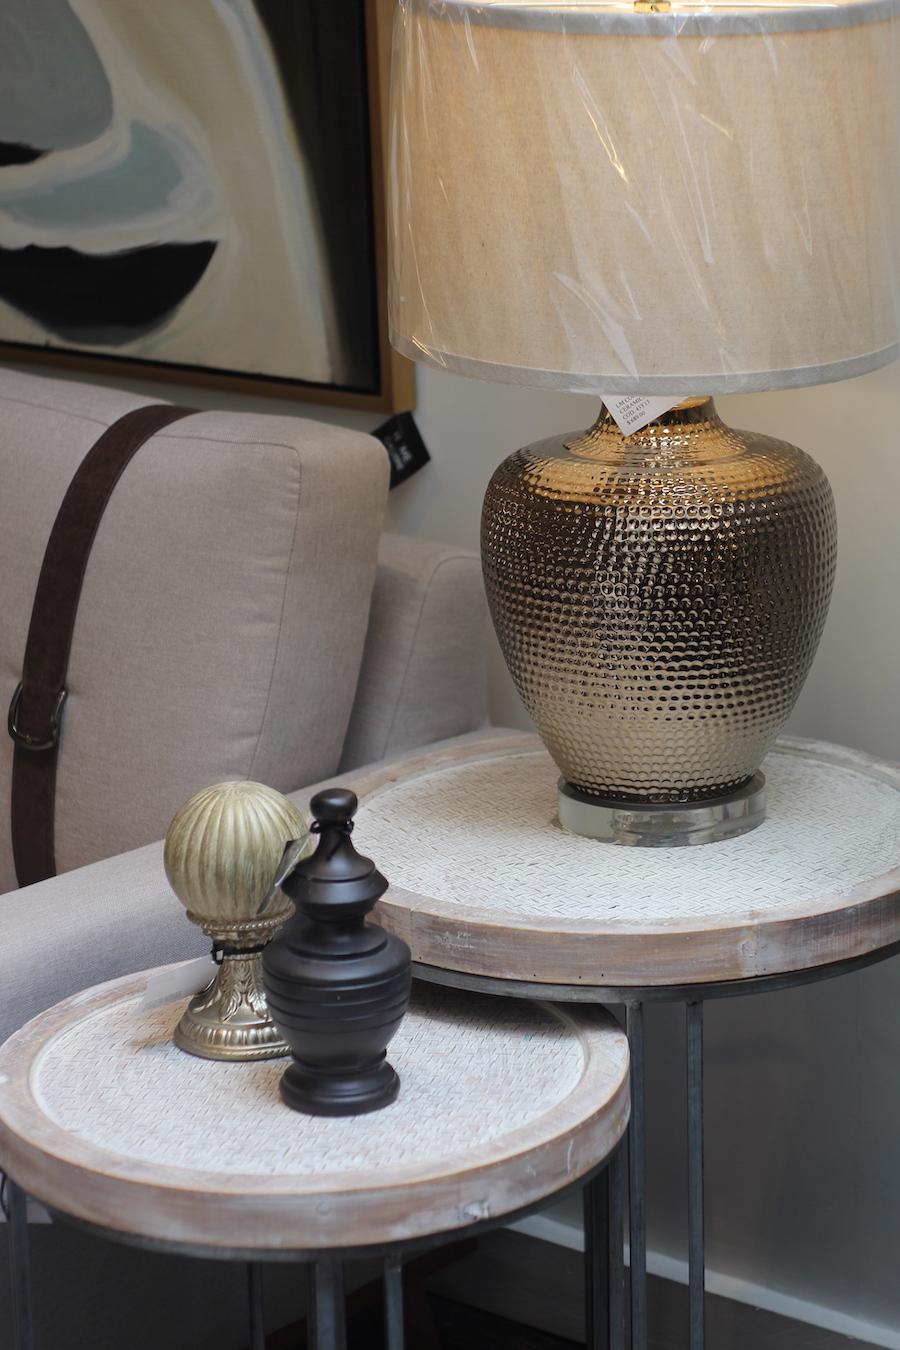 Cómo decorar con dorado y mármol blanco rústico- lámparas doradas Home Gallerie